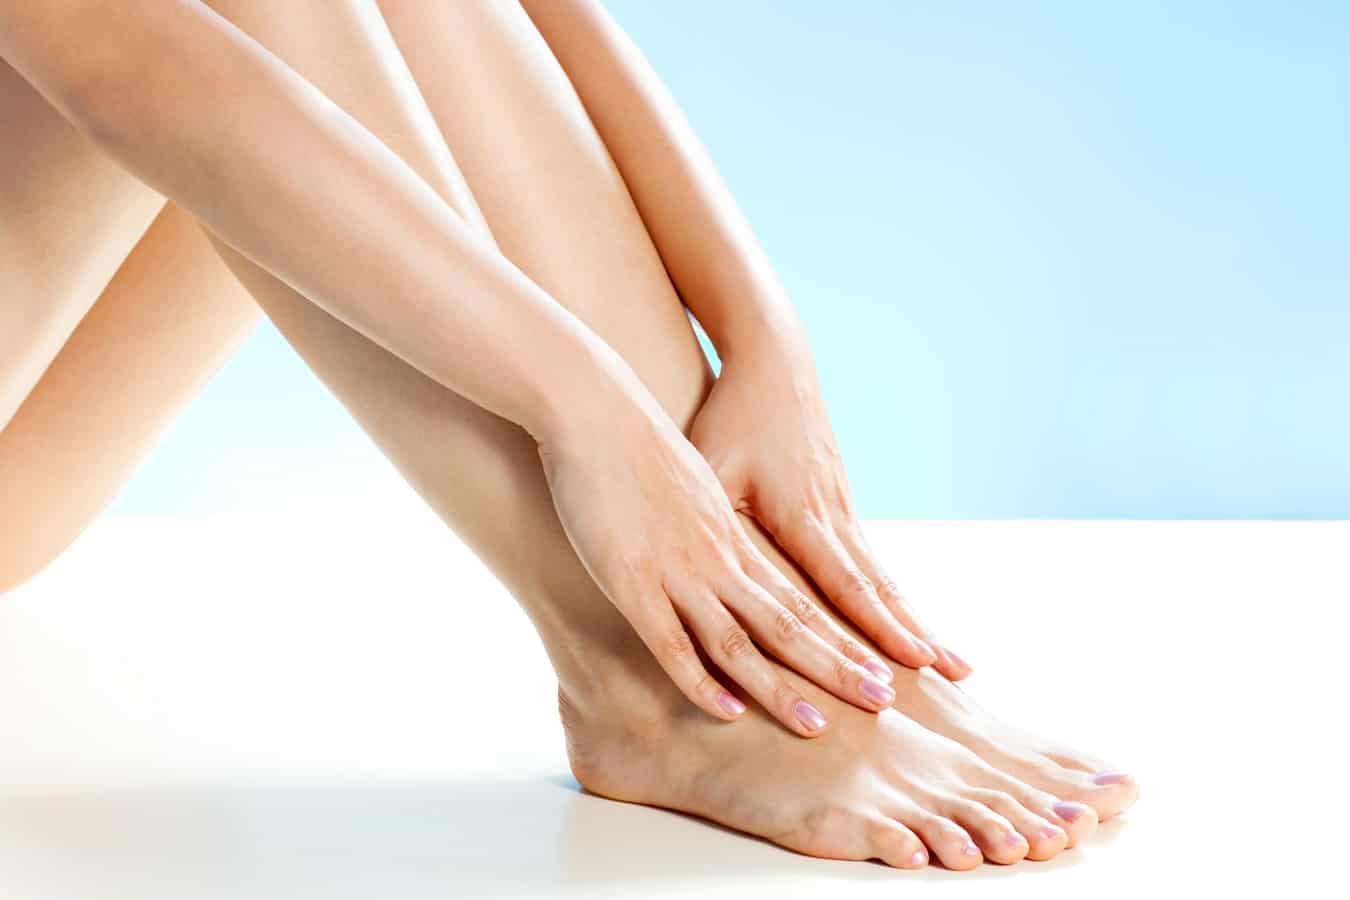 кисти и ступни помогут вылечиться